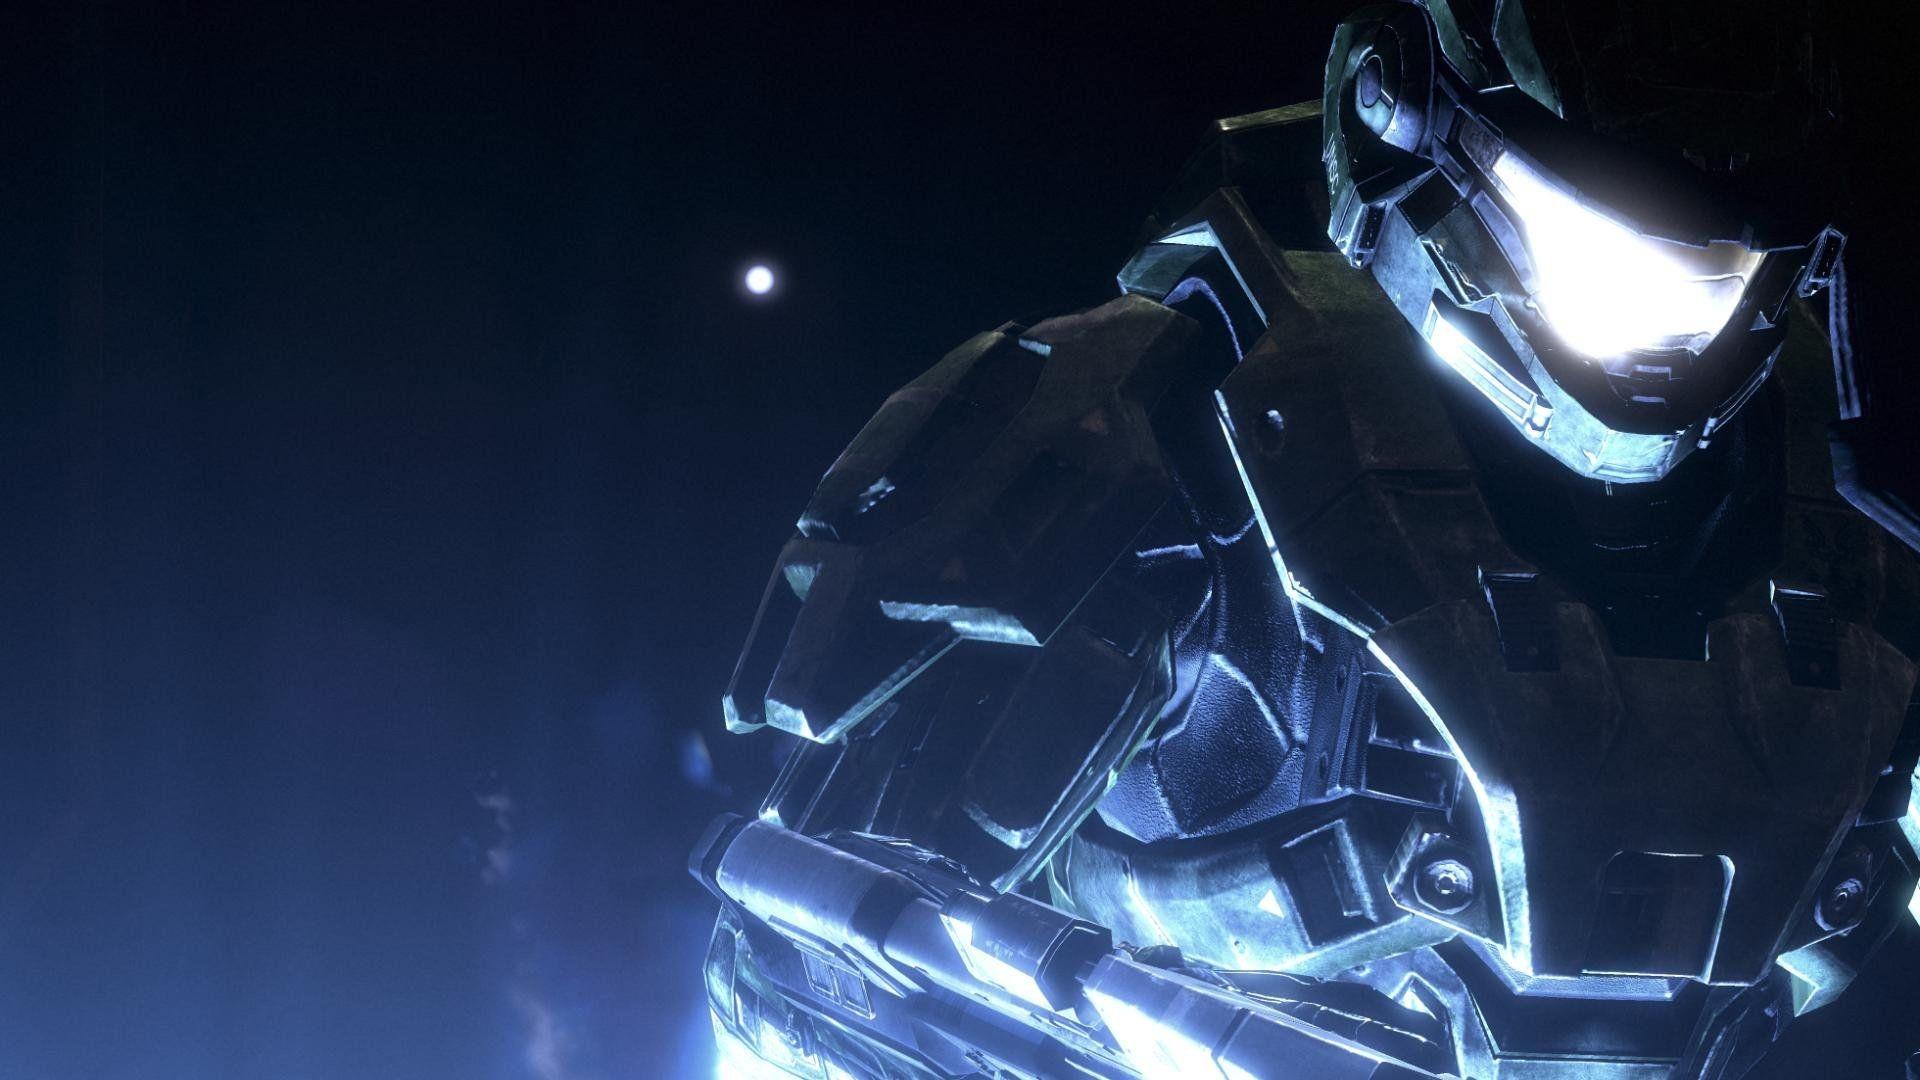 Video games futuristic Halo Master Chief wallpaper